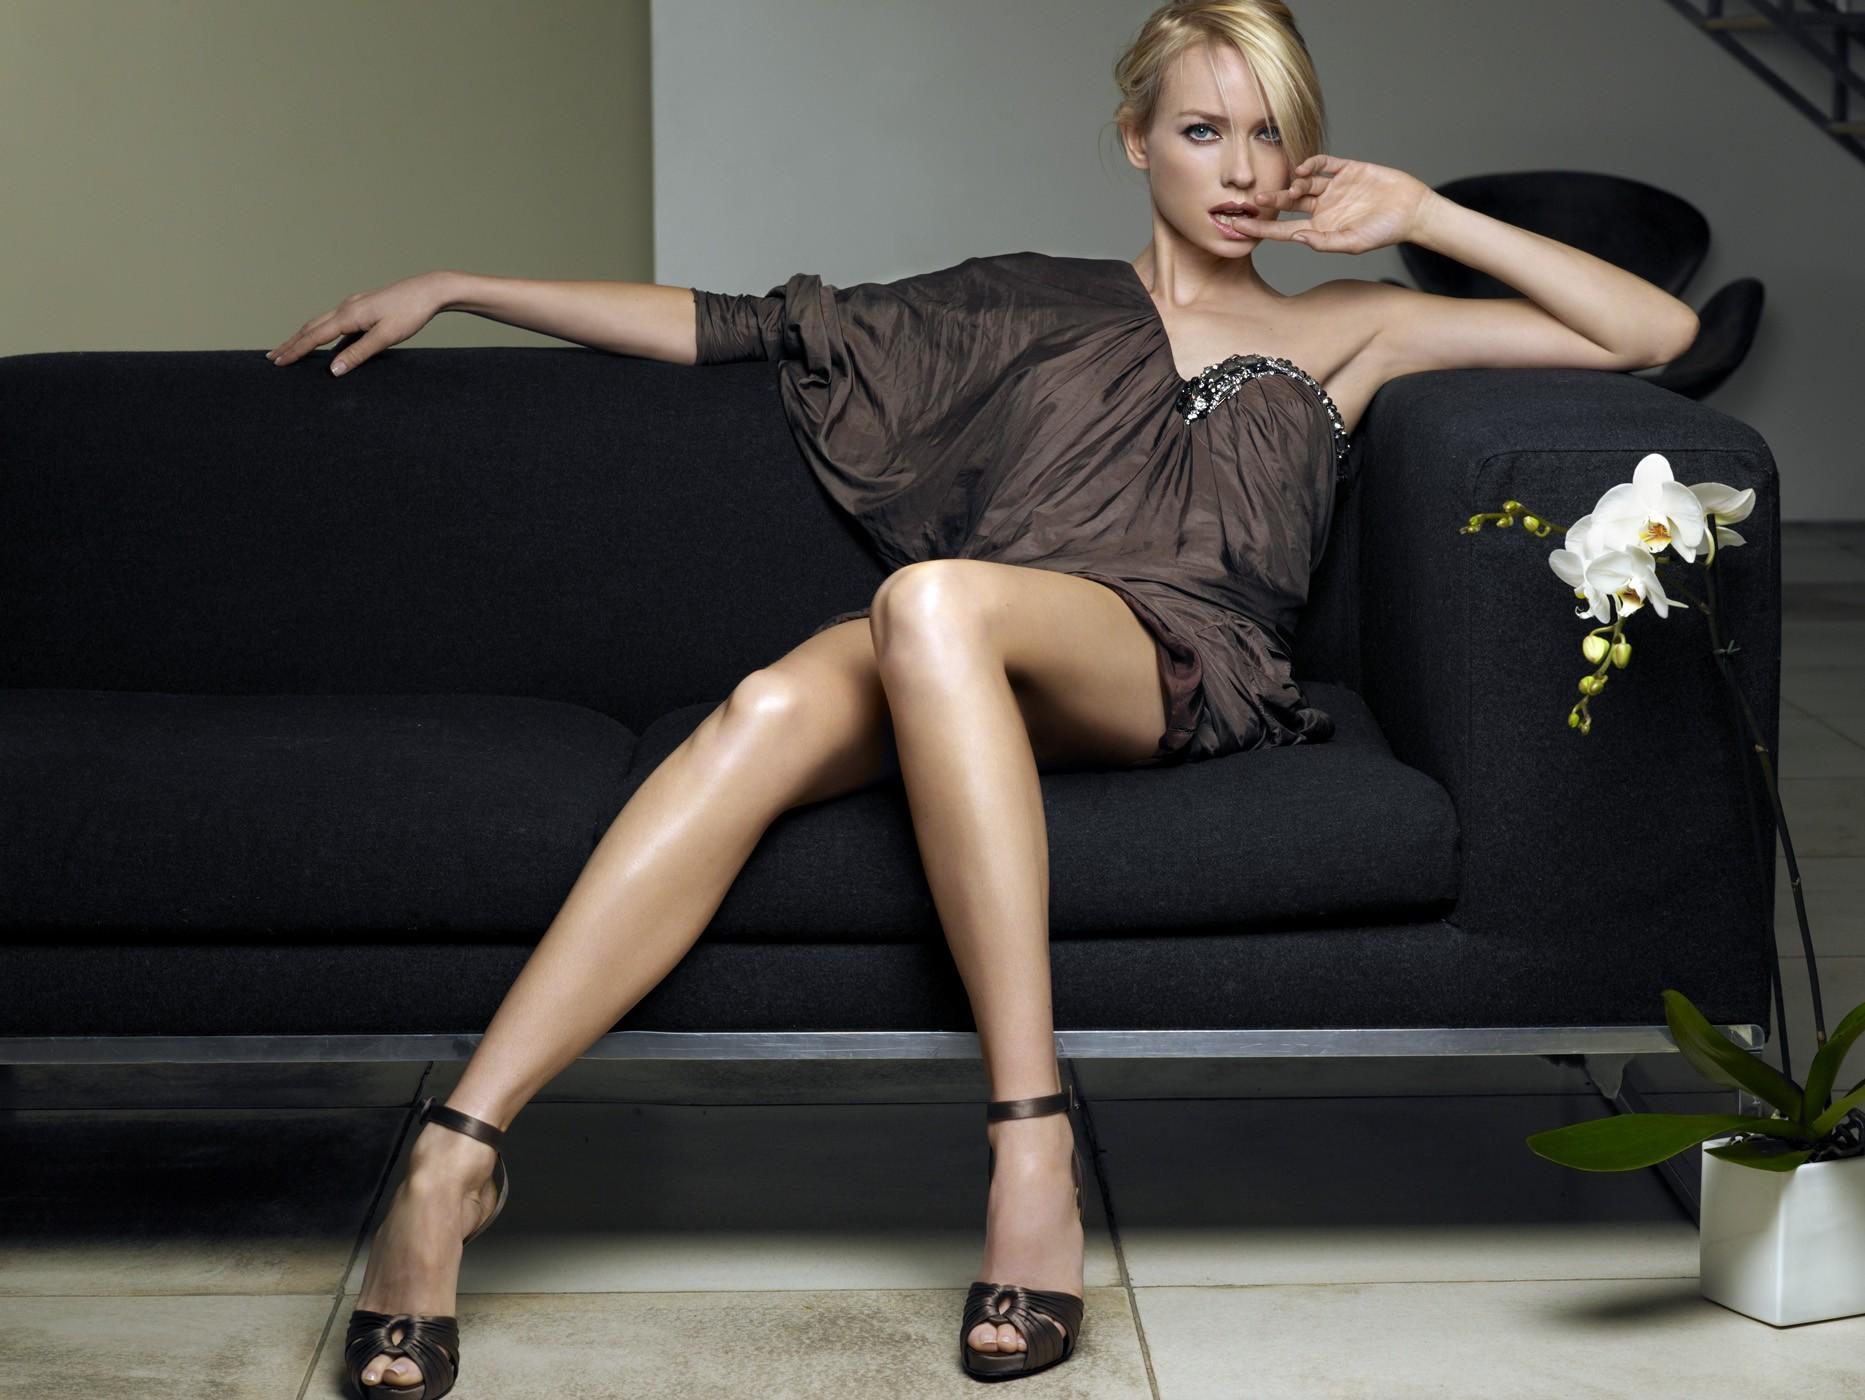 Профессиональные снимки молодой модели на белом диване  552877